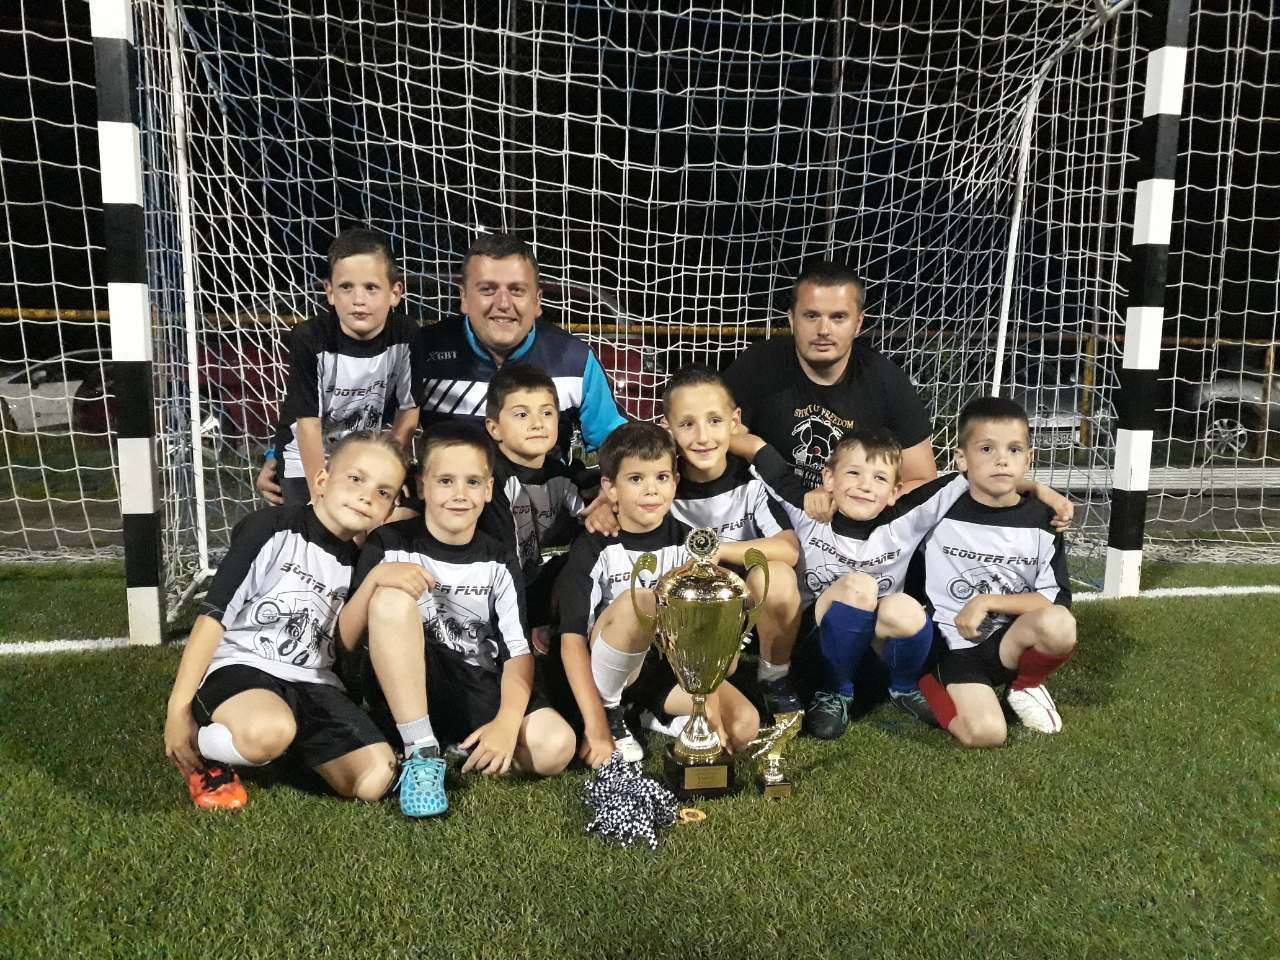 фудбалери ''Монтевидеа'' освојили злато на ''ФЕНИКС КУПУ''